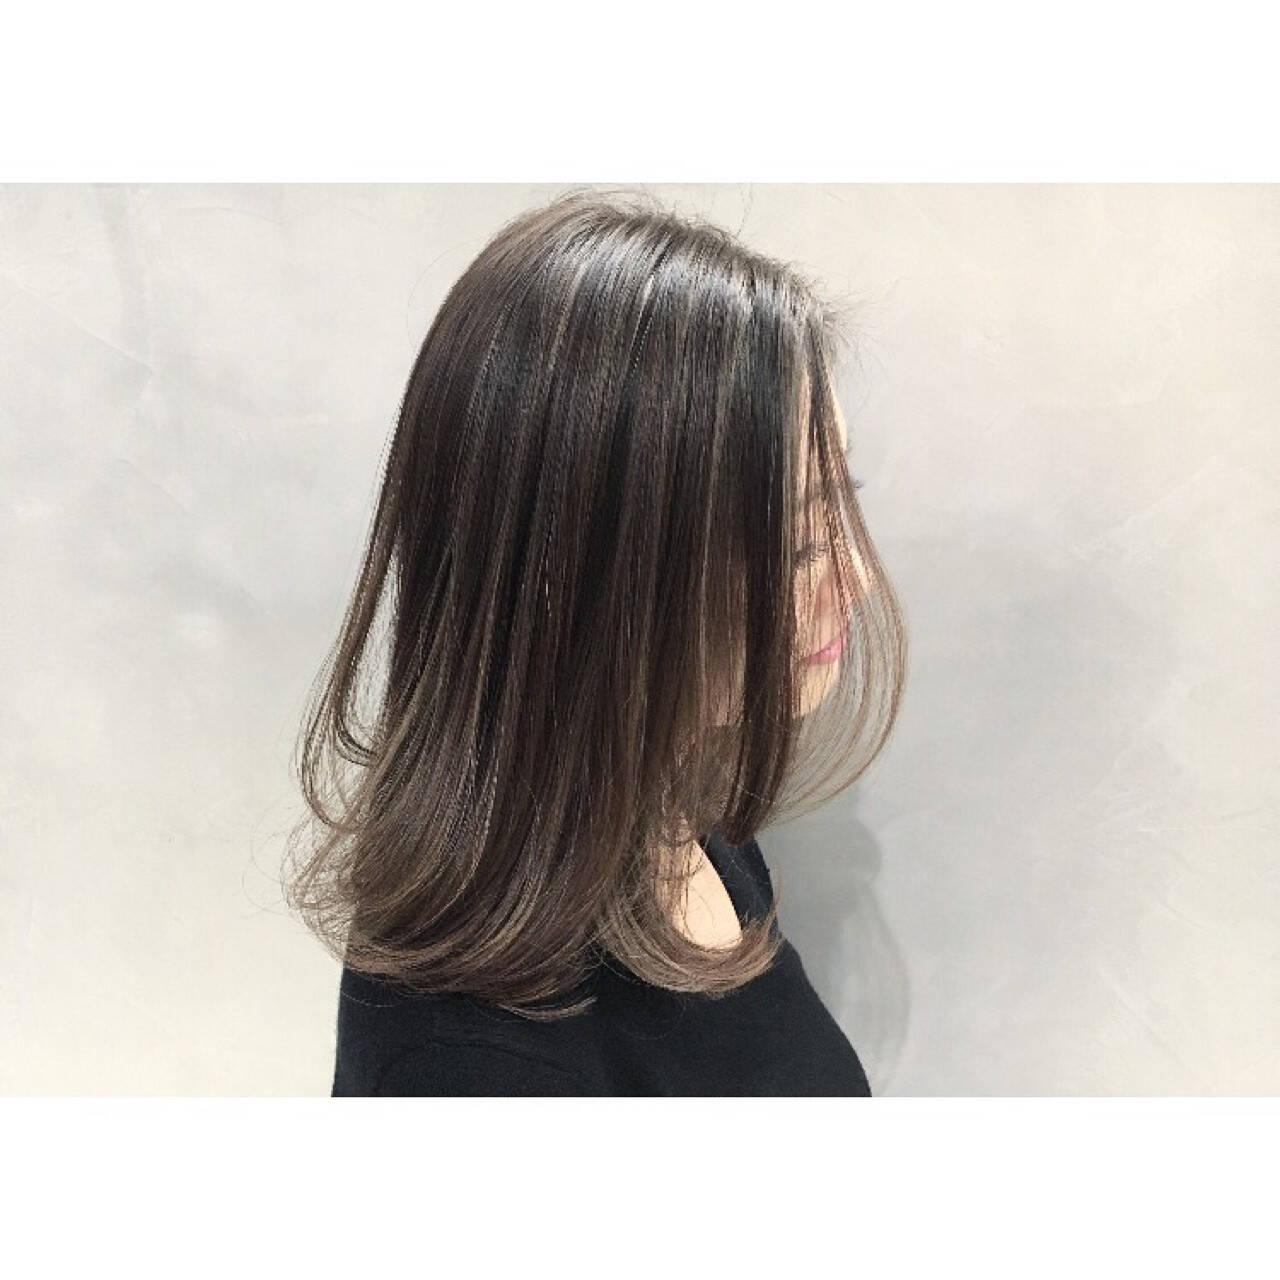 外国人風カラー 色気 ボブ グレージュヘアスタイルや髪型の写真・画像